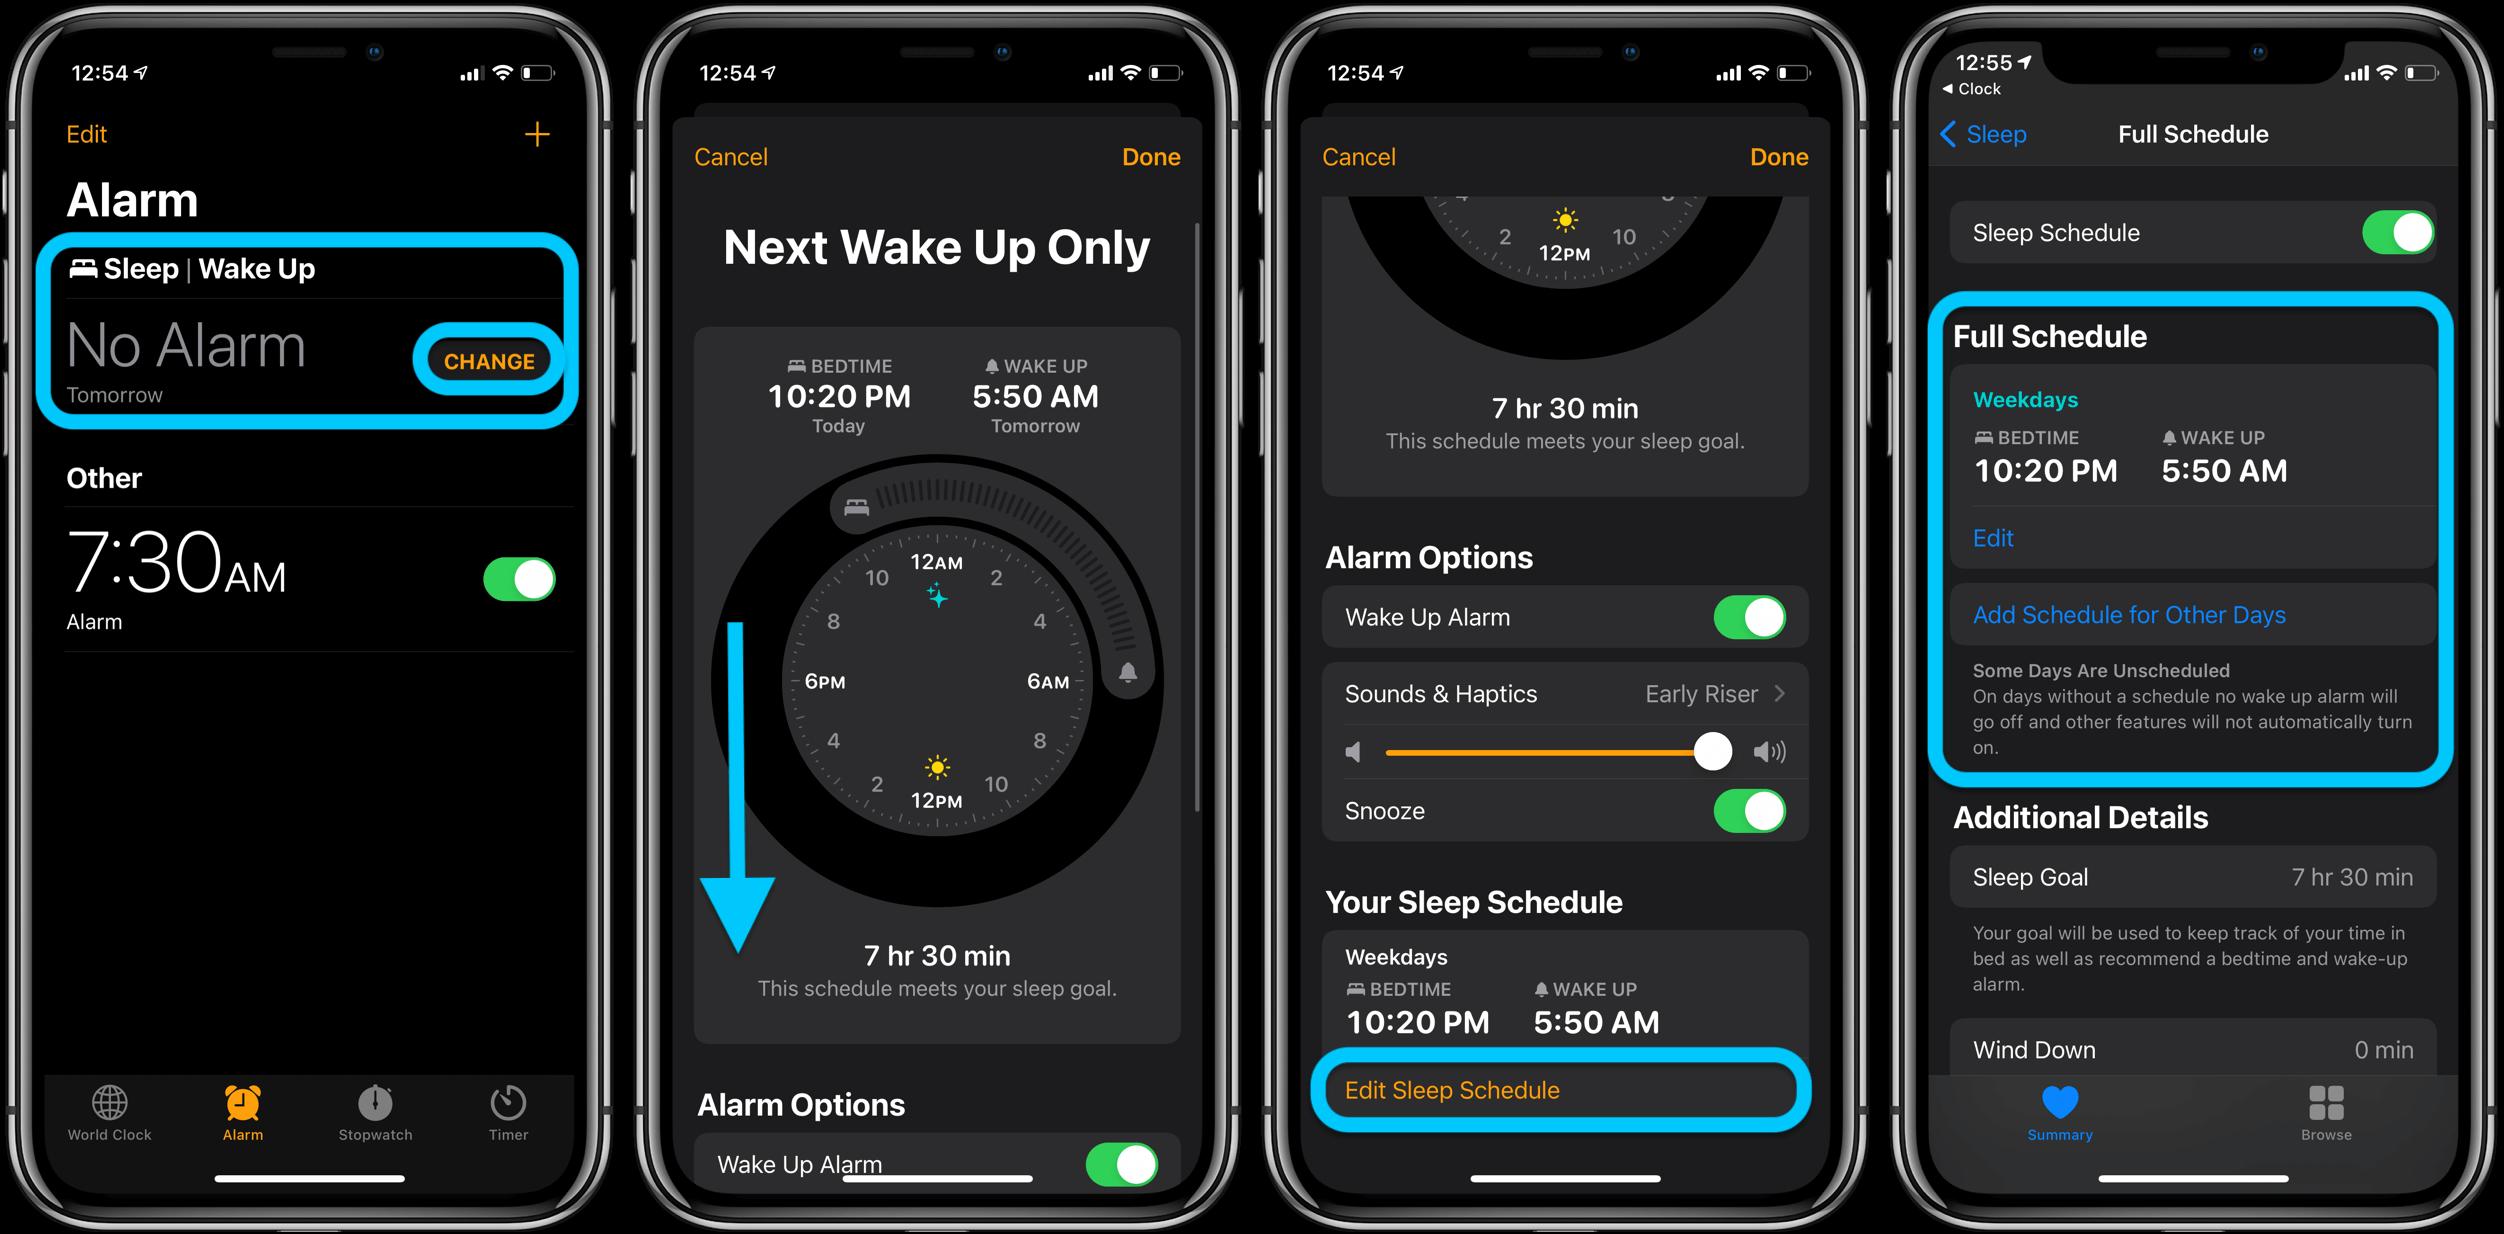 Как использовать новые будильники iPhone в iOS 14, пошаговое руководство 2